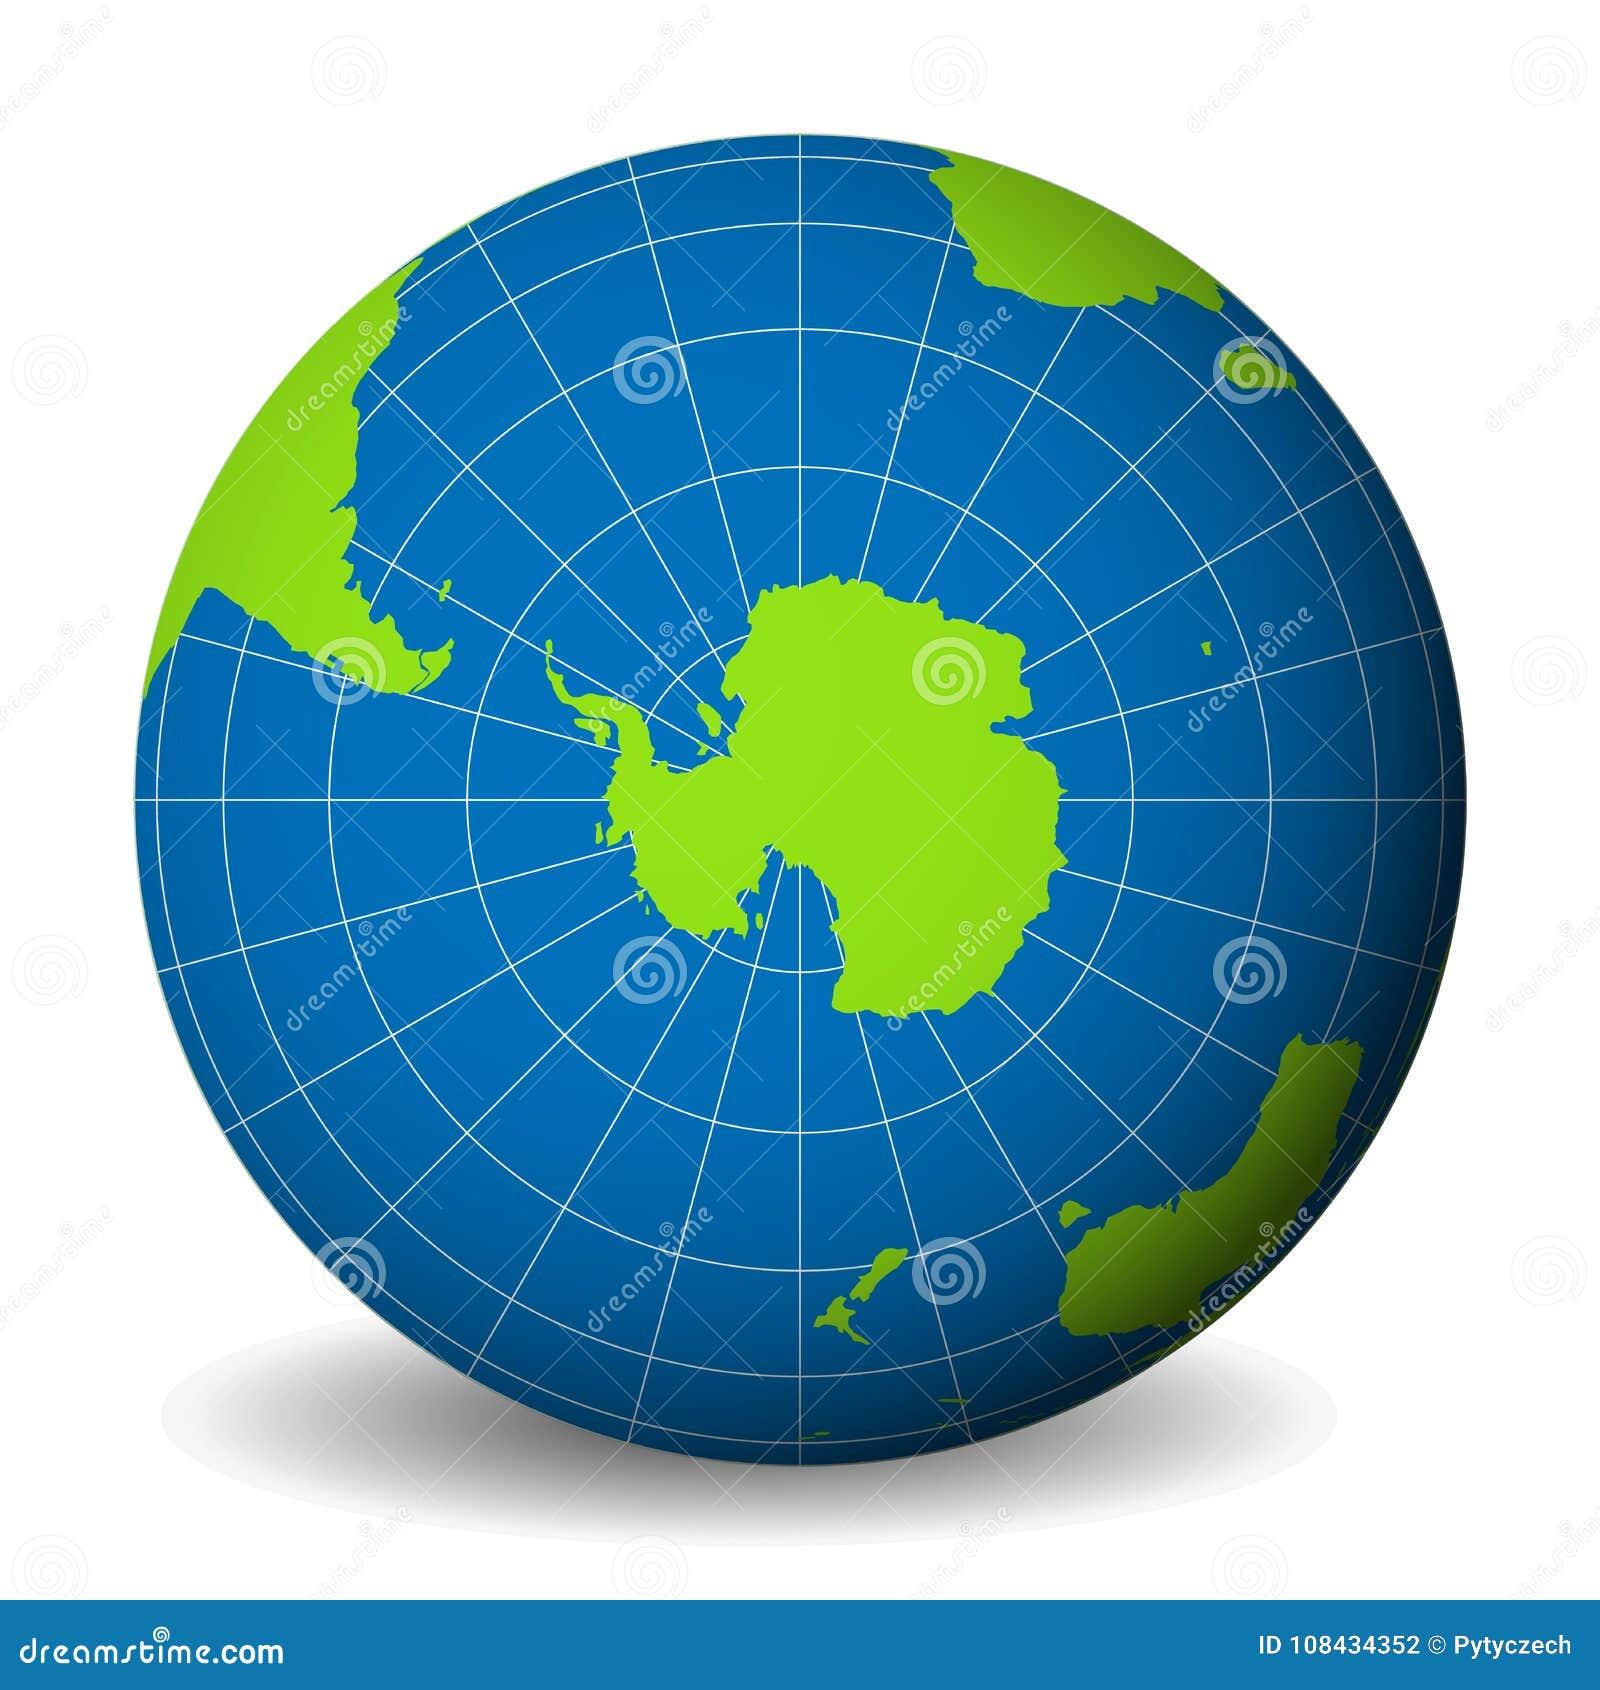 Bedecken Sie Kugel mit grüner Weltkarte und blaue die Meere und Ozeane mit Erde, die auf die Antarktis mit Südpol gerichtet werde